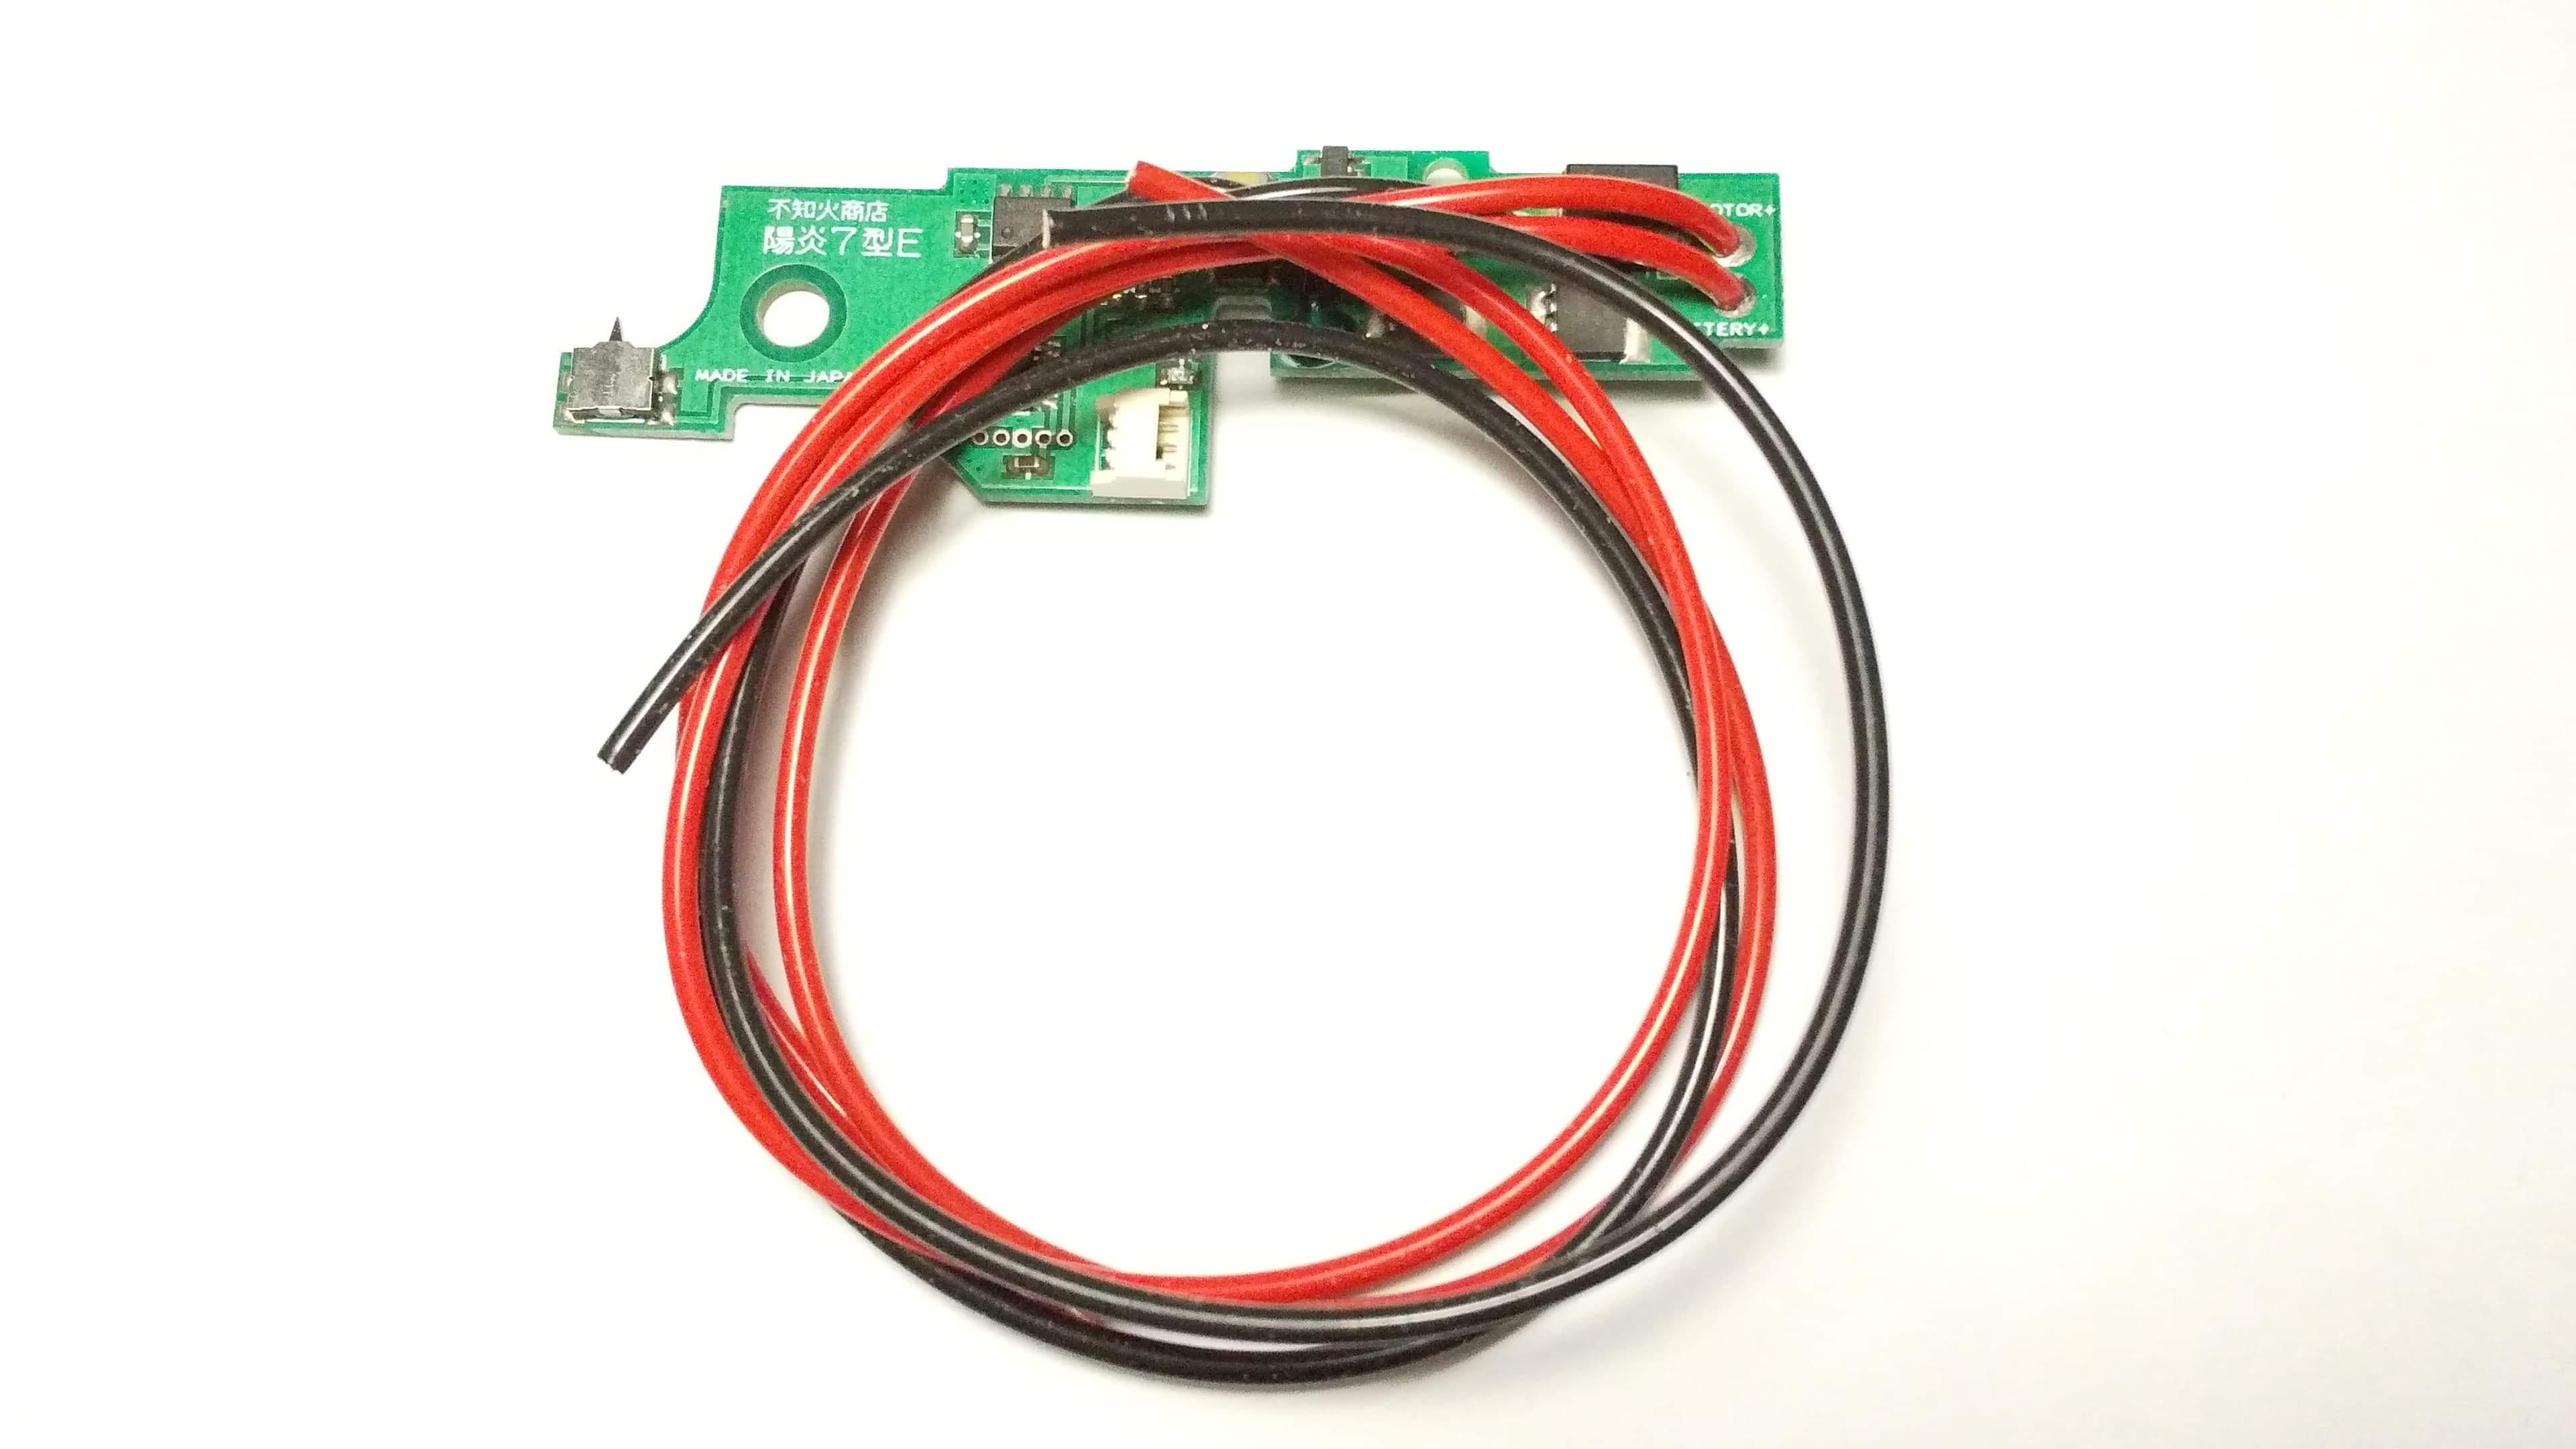 陽炎7型E STYERステアーAUG 用 電動ガン用電子トリガーハイパフォーマンスモデル